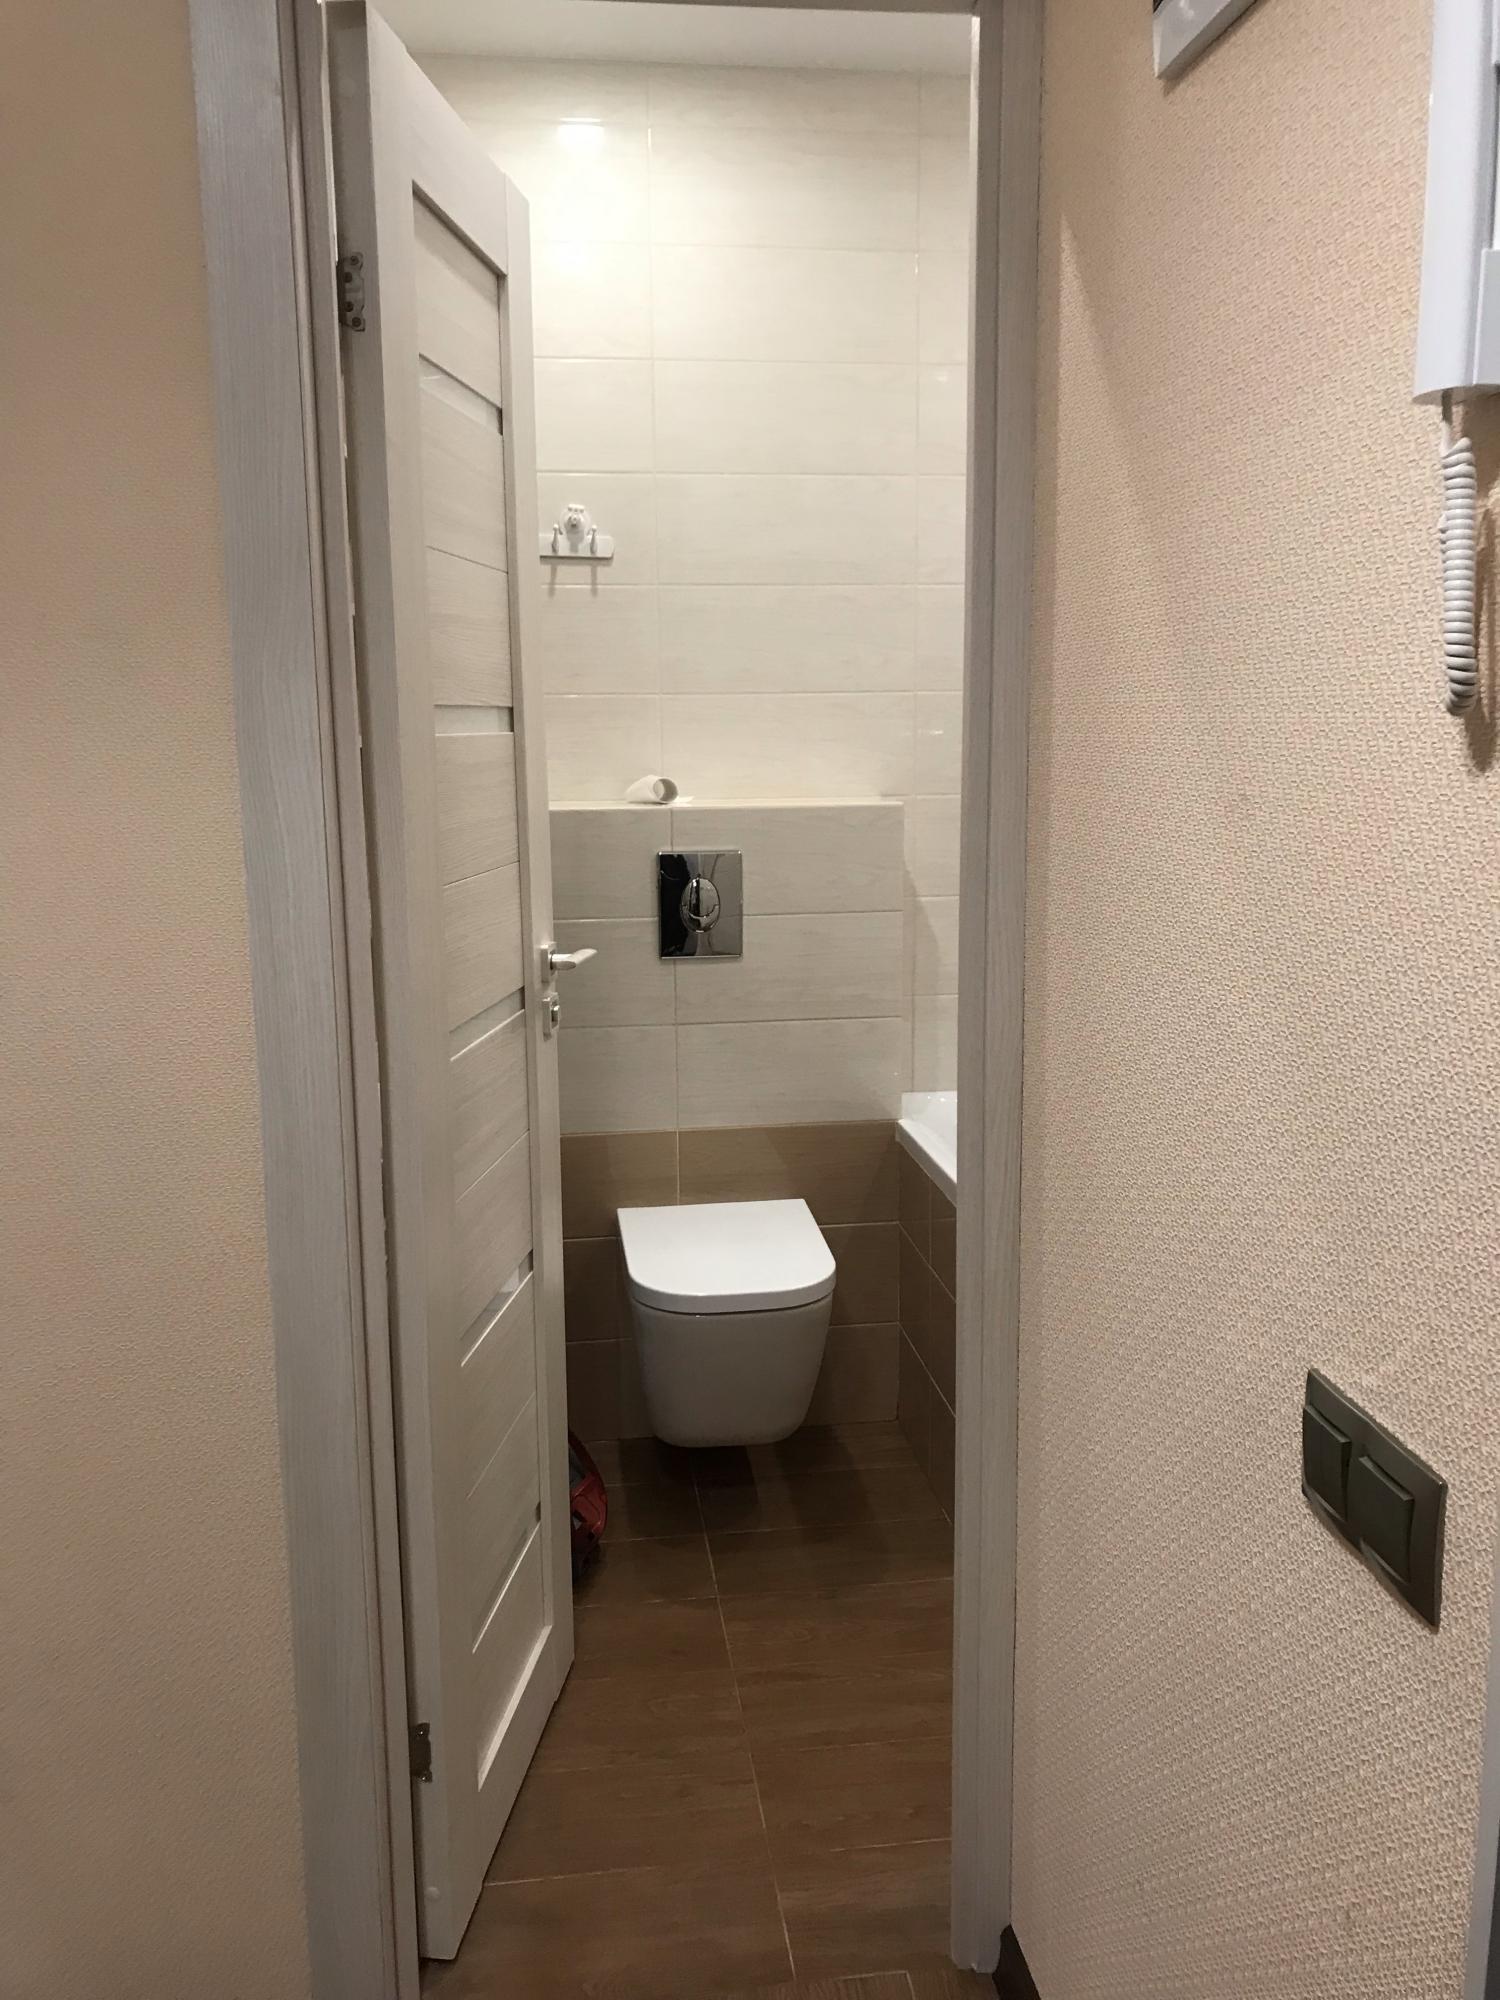 Квартира, студия, 24.5 м² в Домодедово 89035305126 купить 6